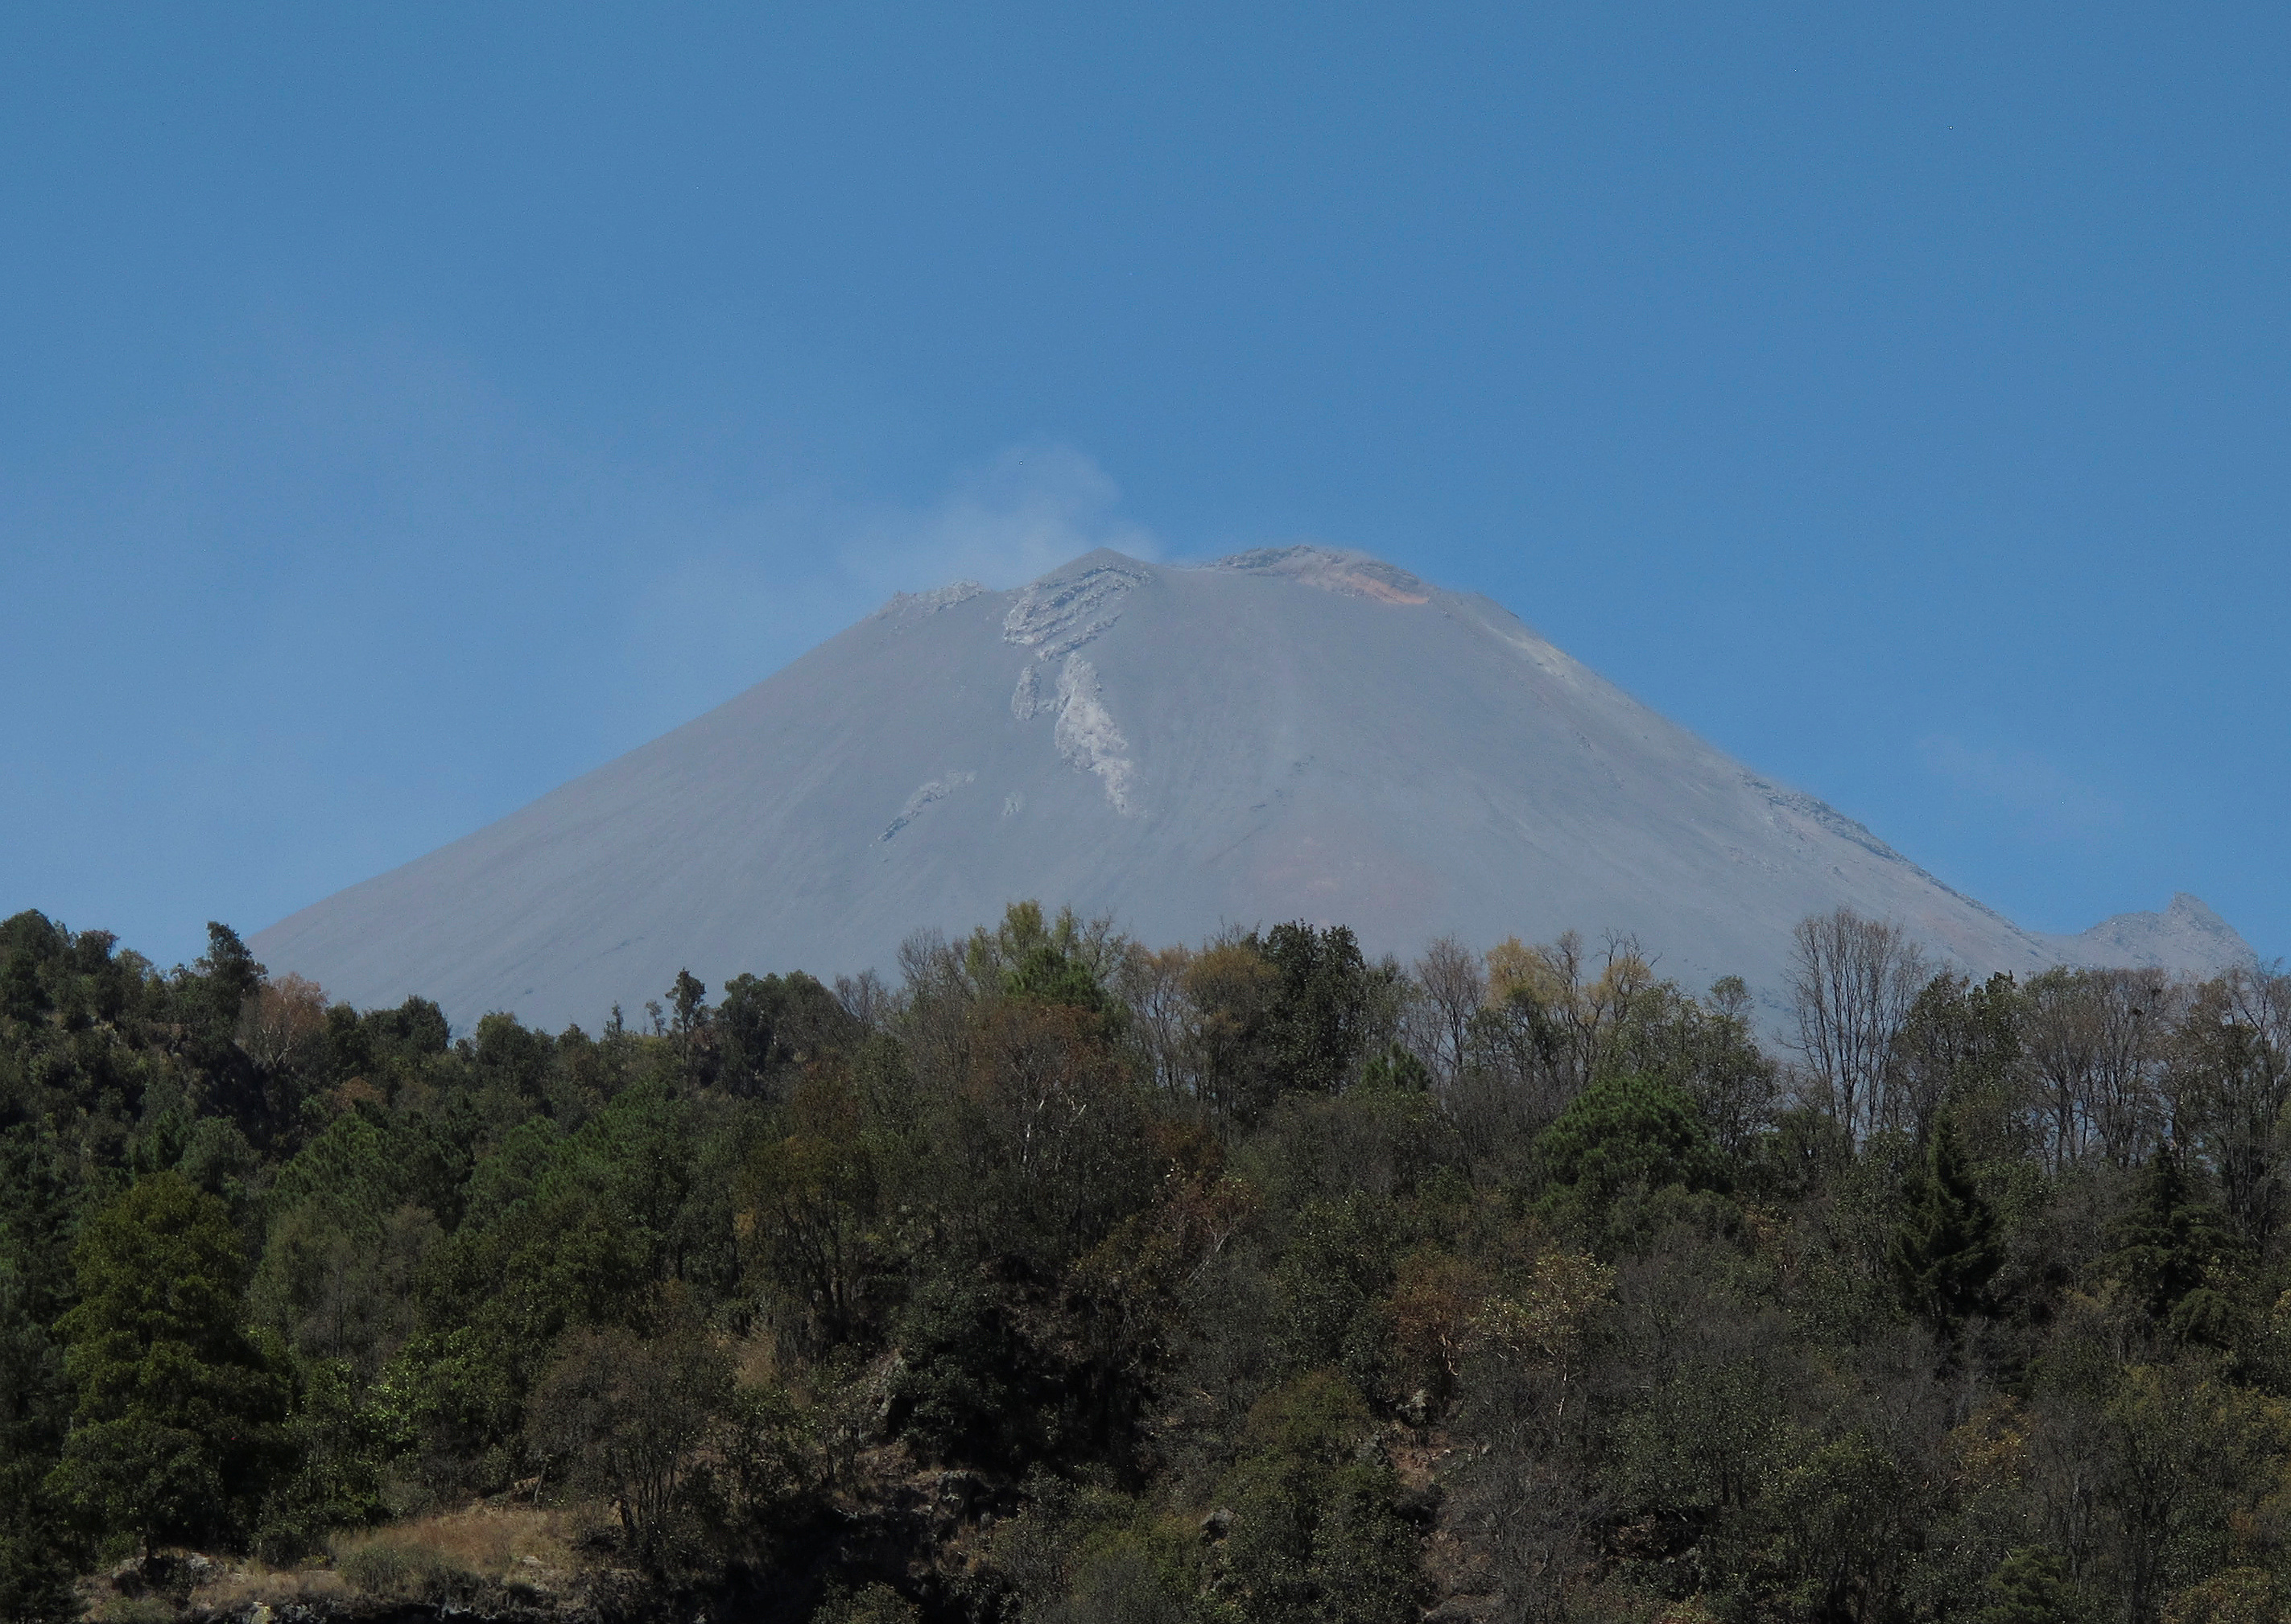 ثوران بركان بوبوكاتبتبيل (1)